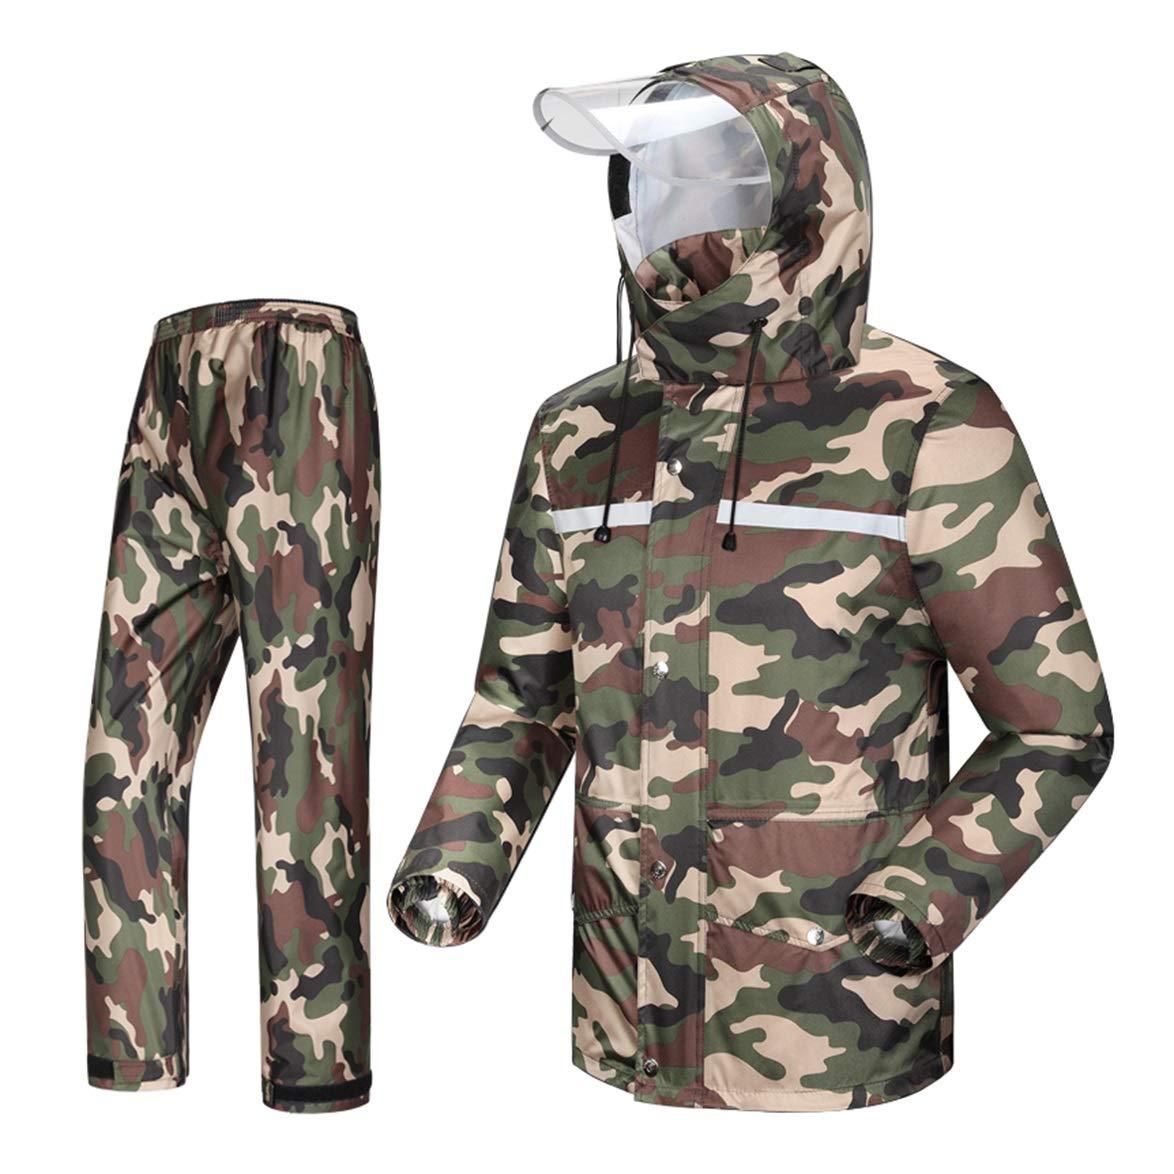 LAXF-Regenbekleidung Regenanzug für Männer wasserdicht Radfahren, Regenmantel Herren mit Kapuze Motorrad Fahren Golf 2-teiliger Anzug